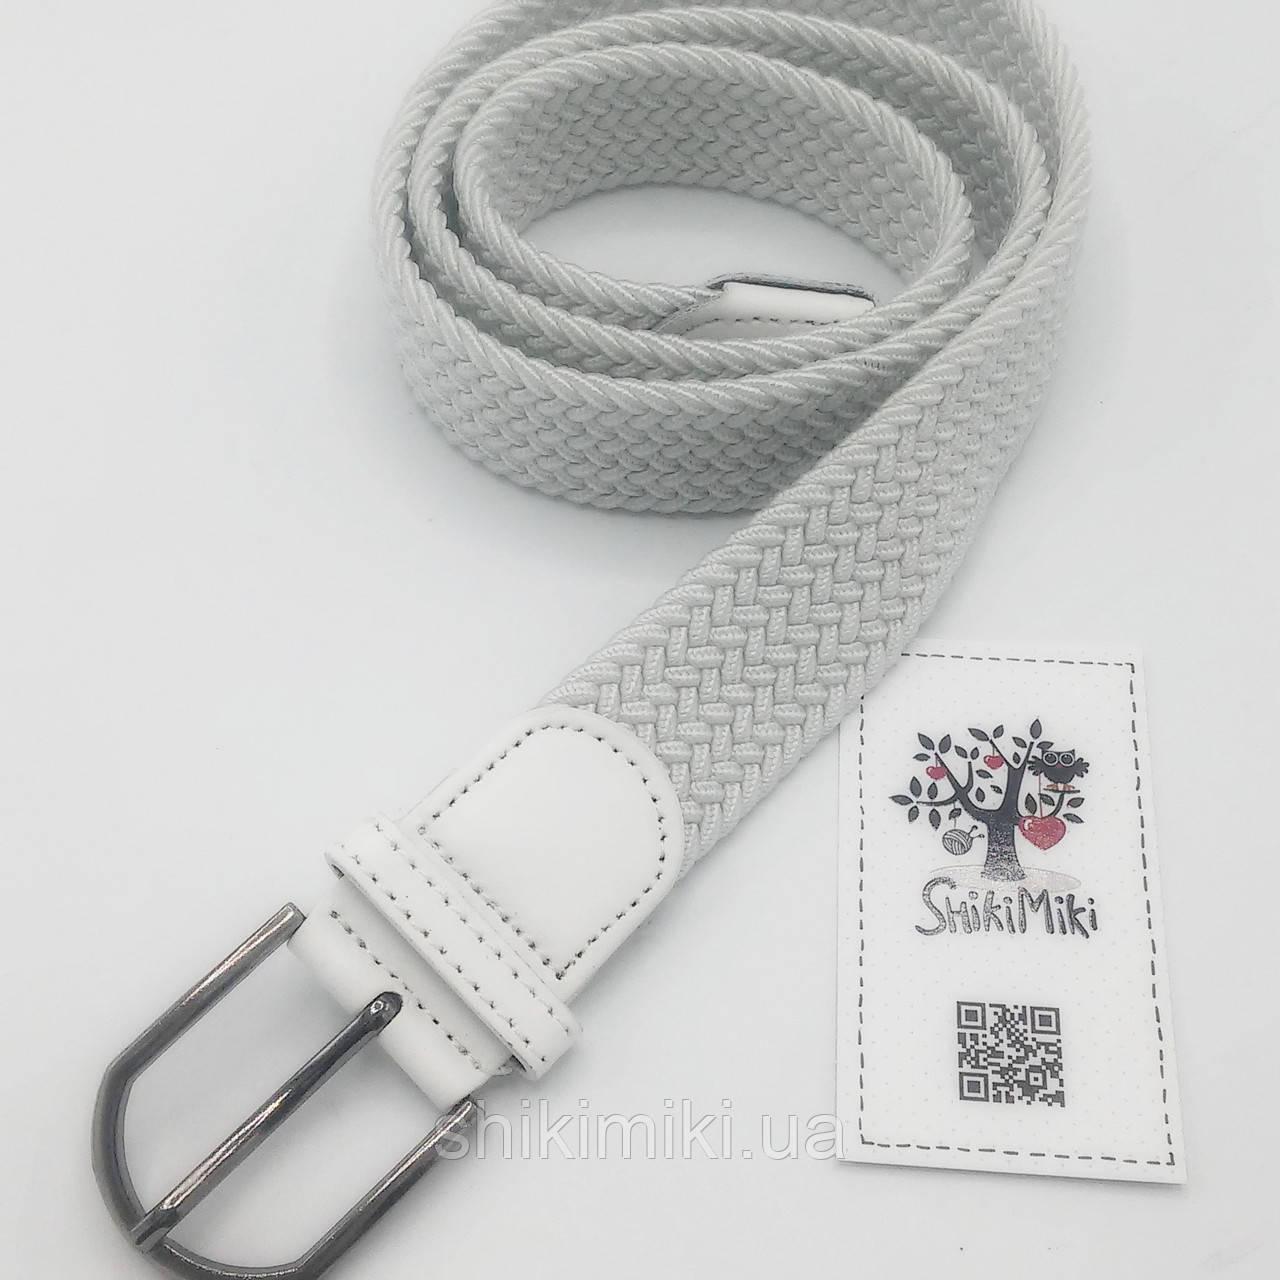 Ремень поясной  плетенка премиум резинка белый (3,5 см)